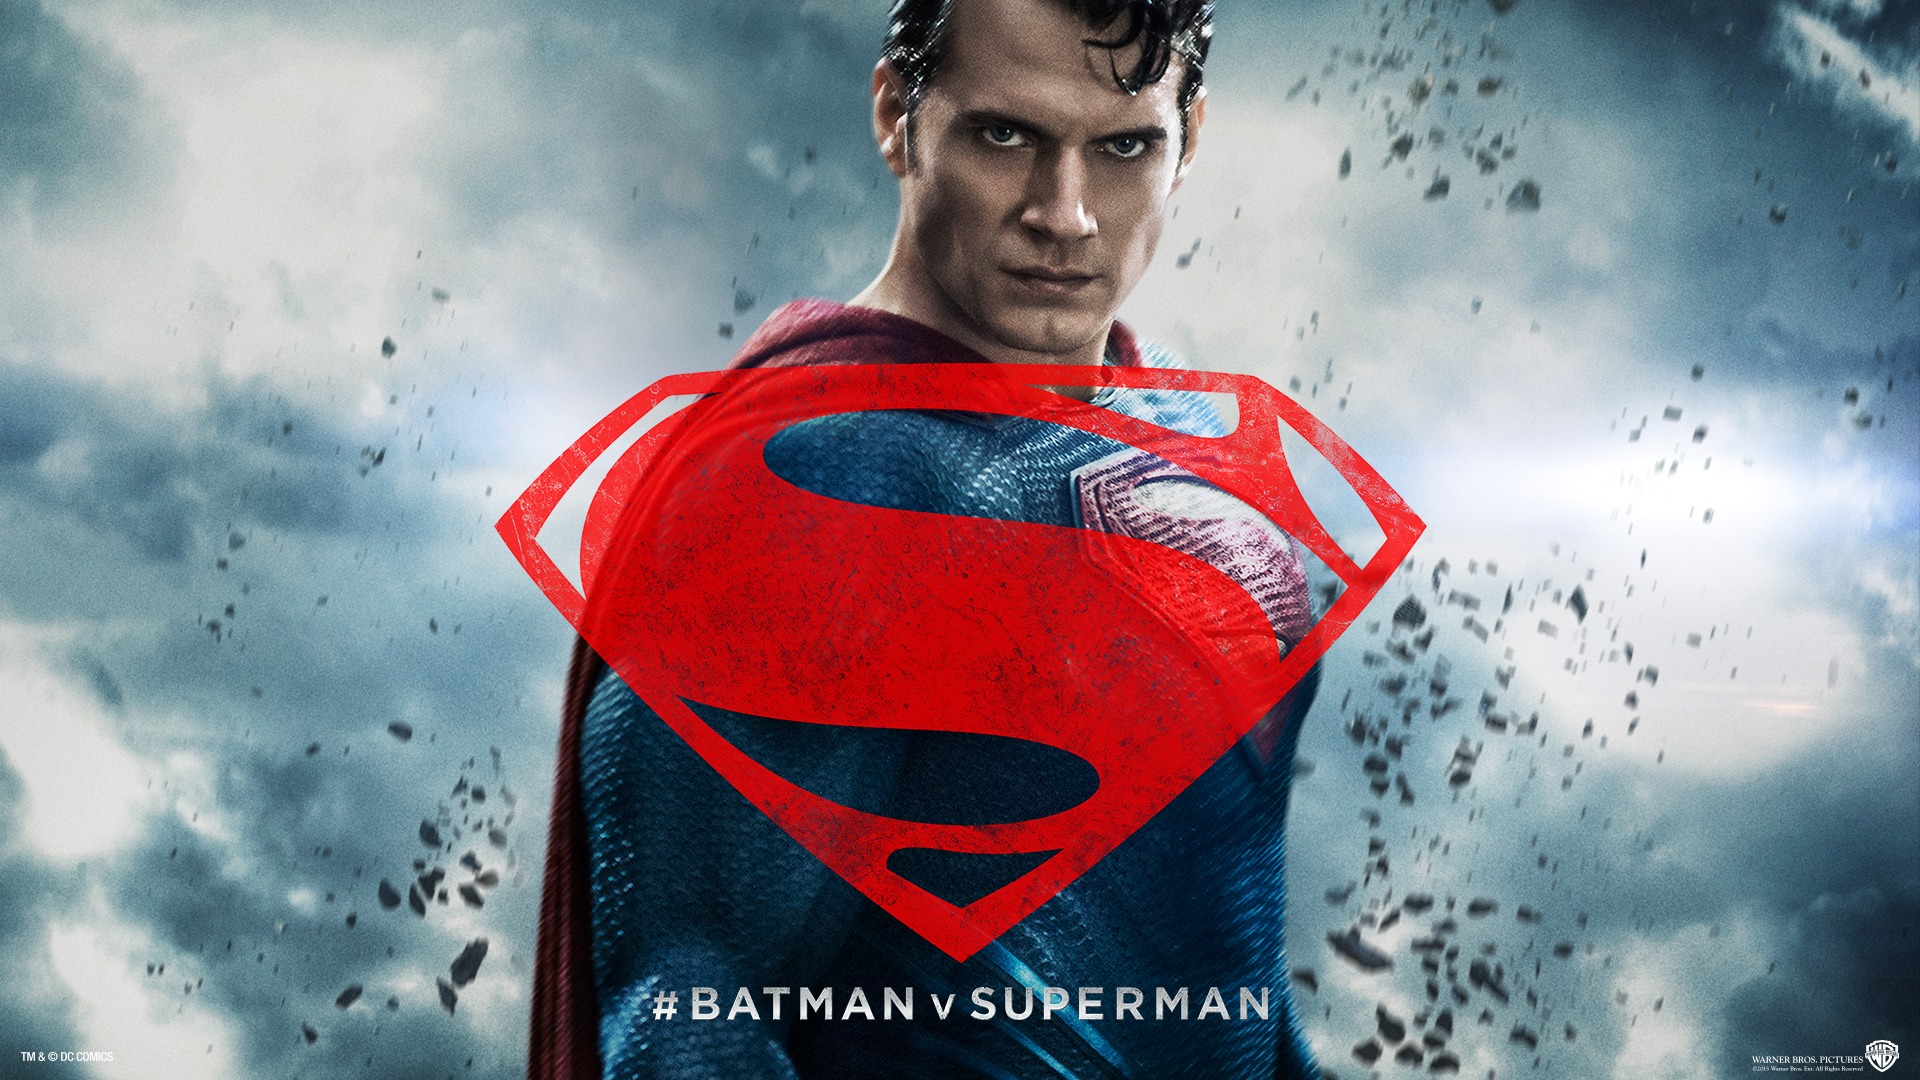 https://i2.wp.com/batmanvsuperman.dccomics.com/images/downloads/superman/bvs_superman_wpw.jpg